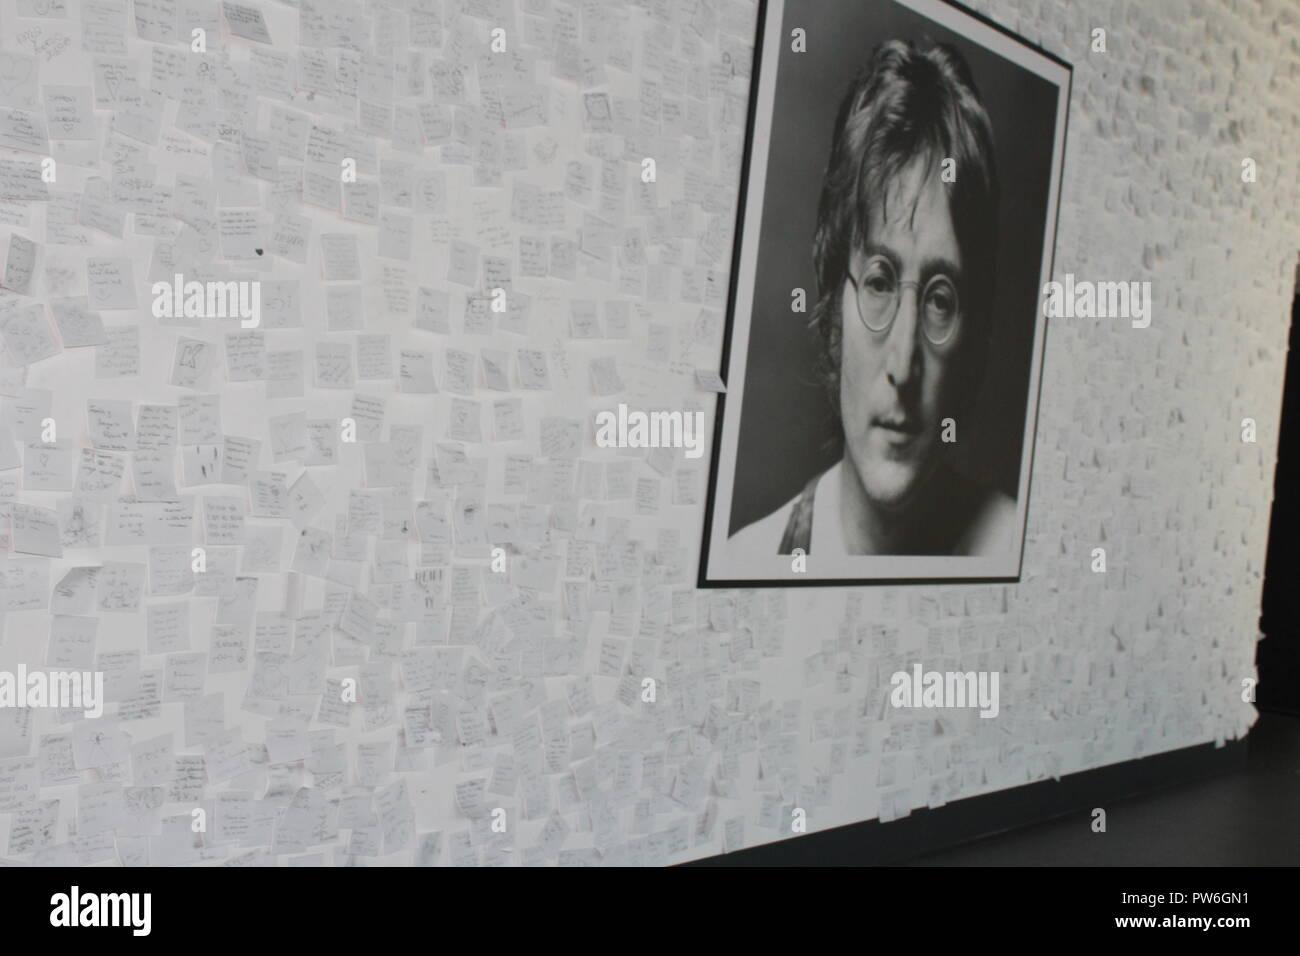 Photo de John Lennon entouré par des messages de fans - l'imaginer la paix exposition au Musée de Liverpool Banque D'Images